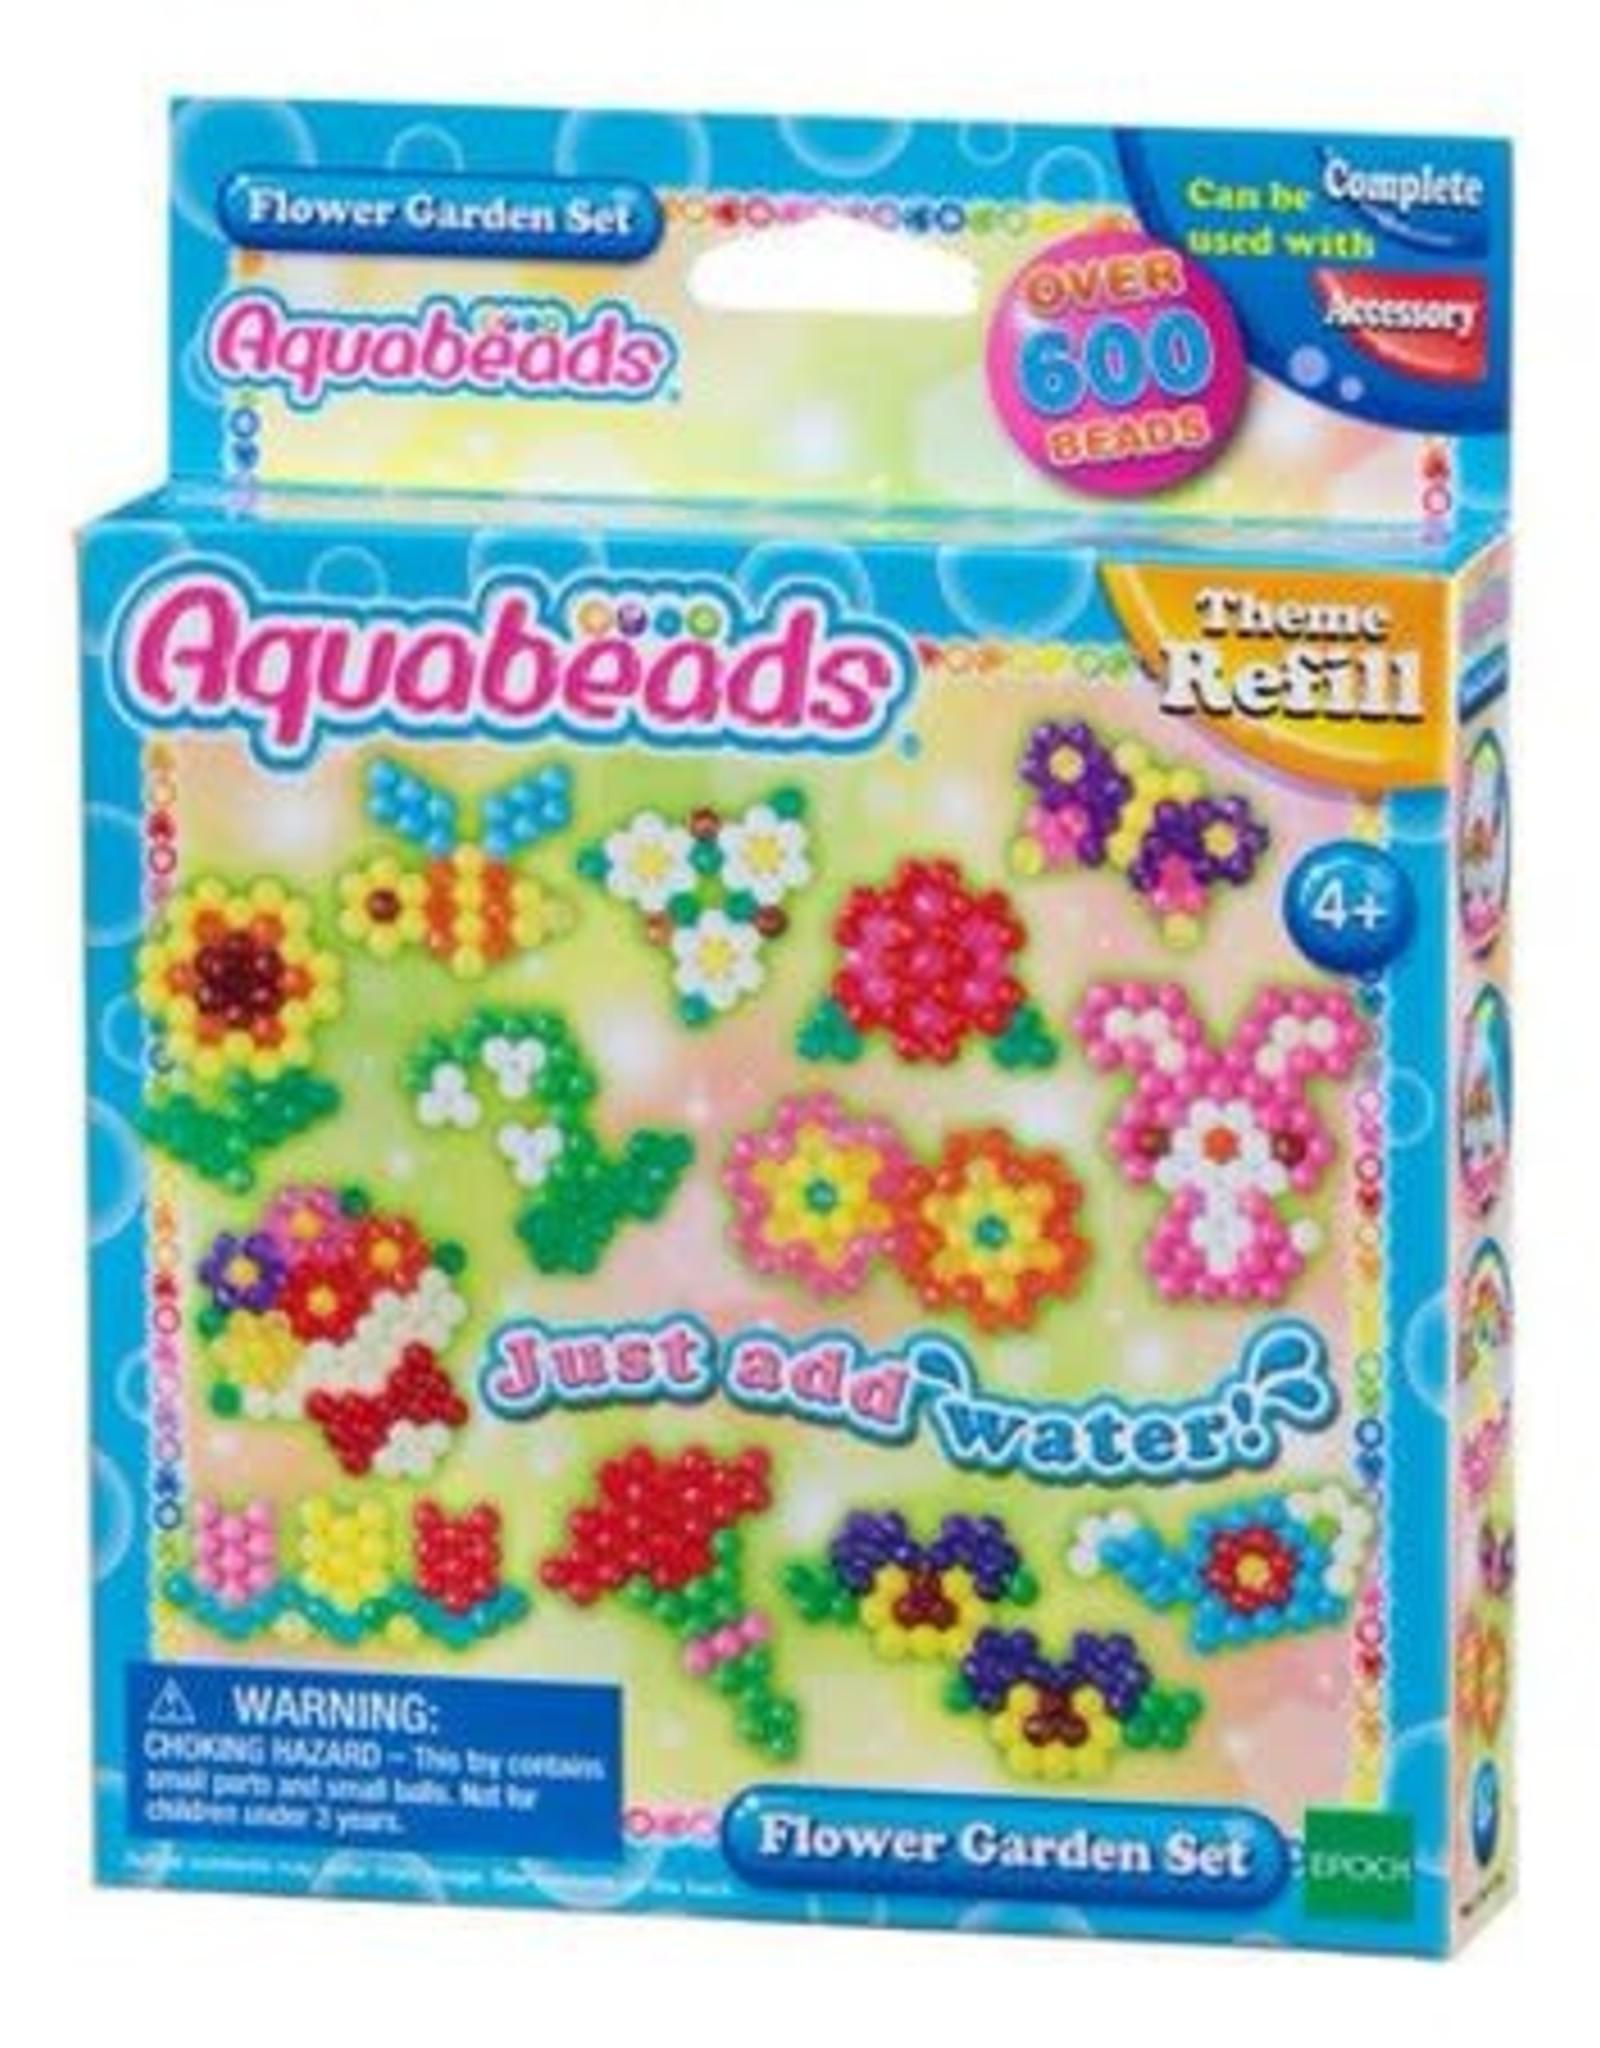 Aquabeads Aquabeads: Flower Garden Set